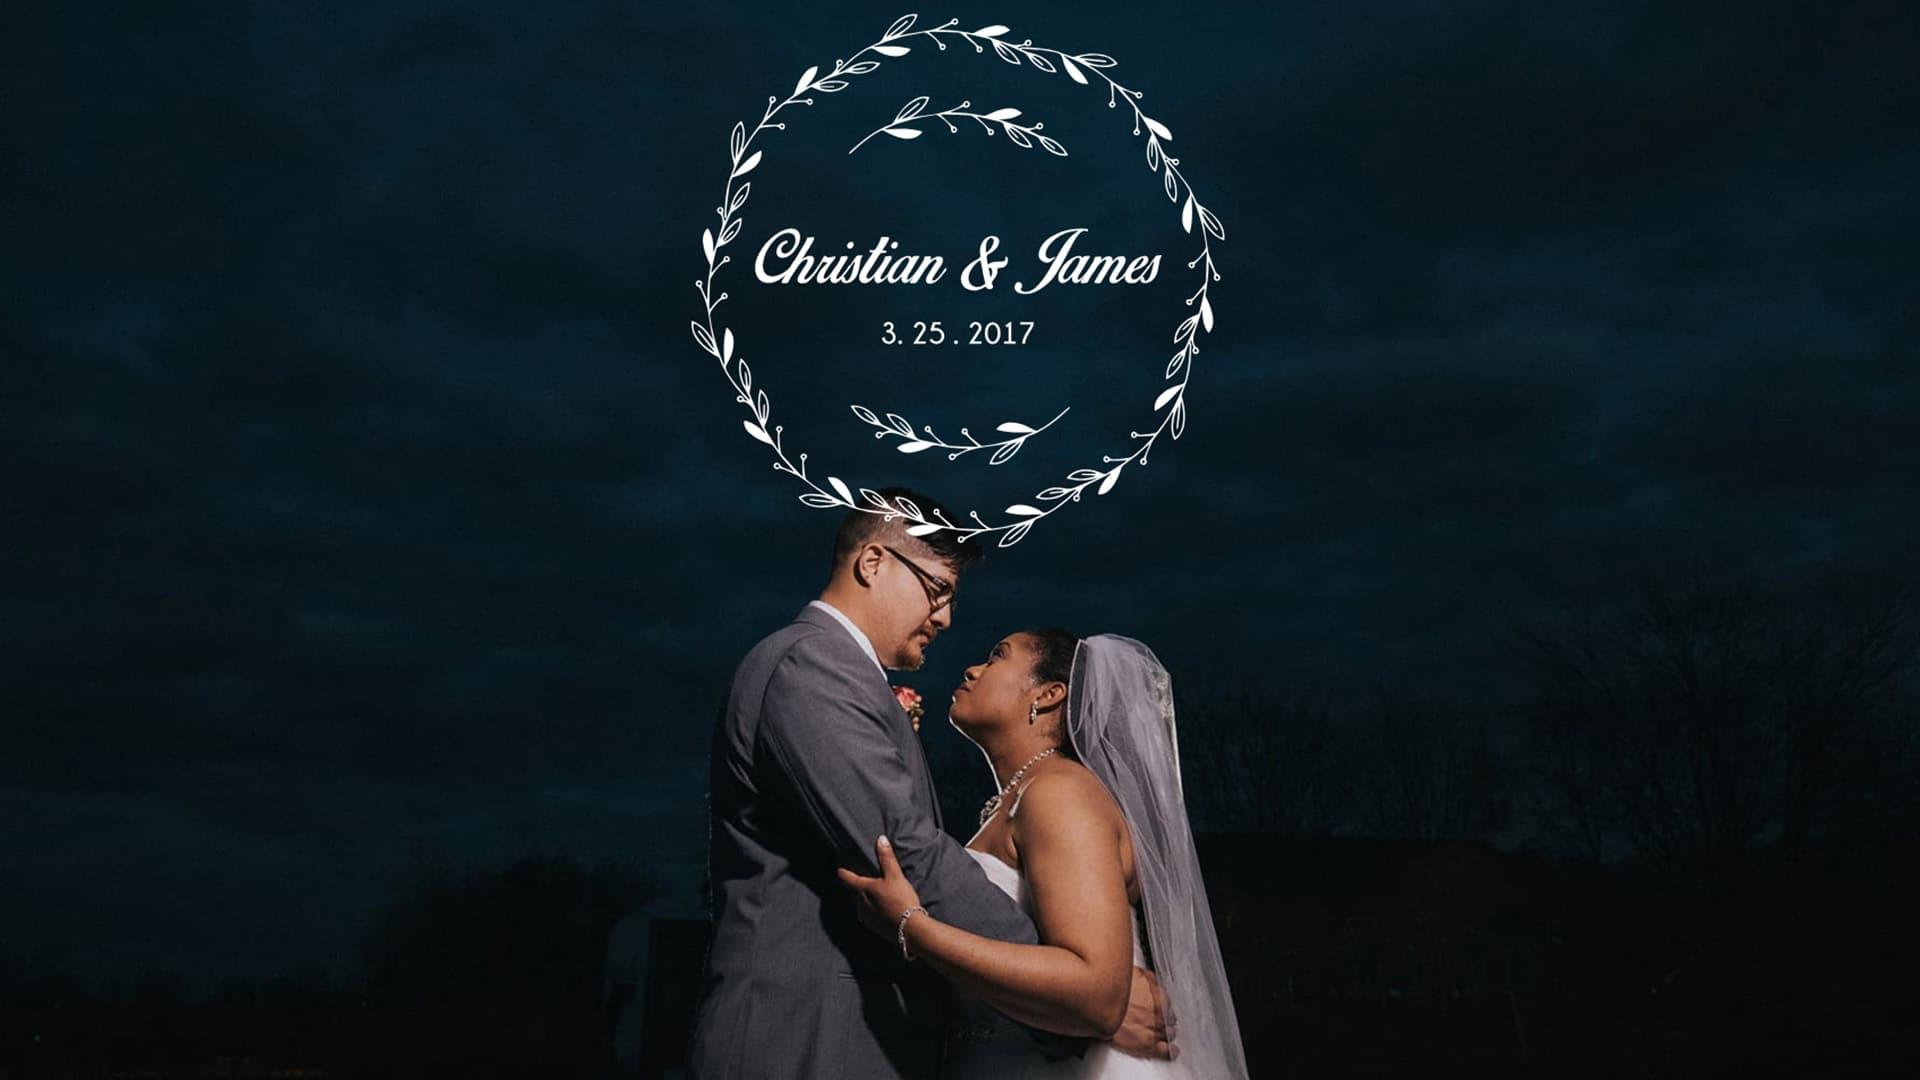 James & Christian